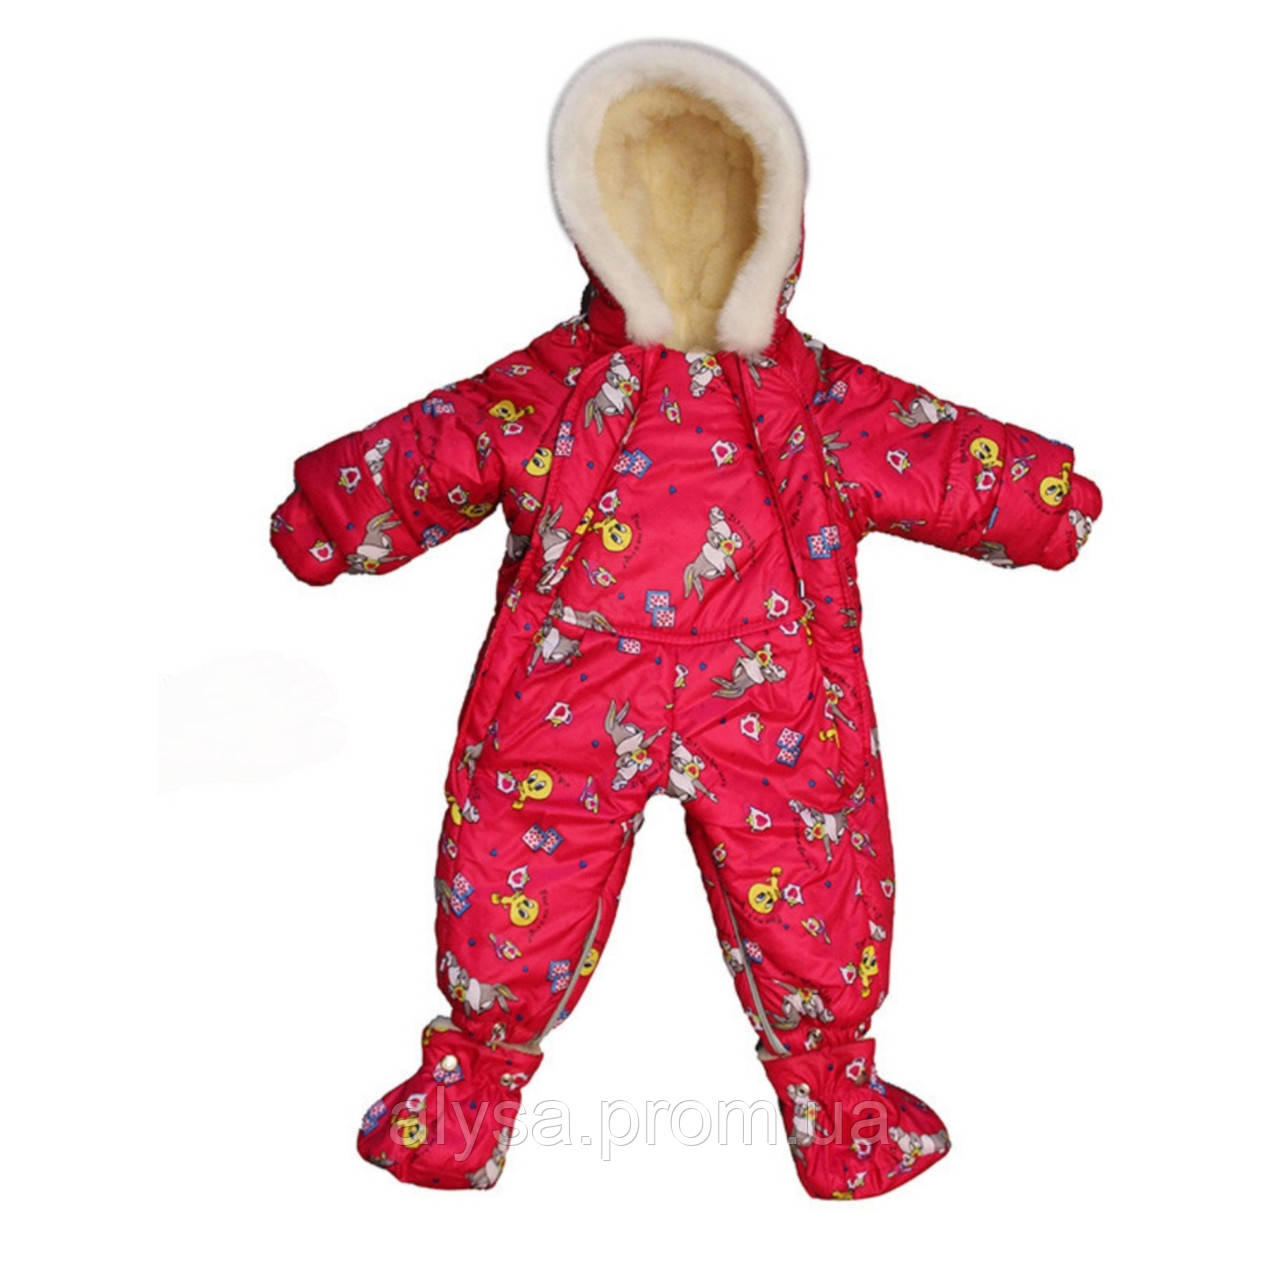 Детский зимний комбинезон-трансформер на овчине для девочки Красный